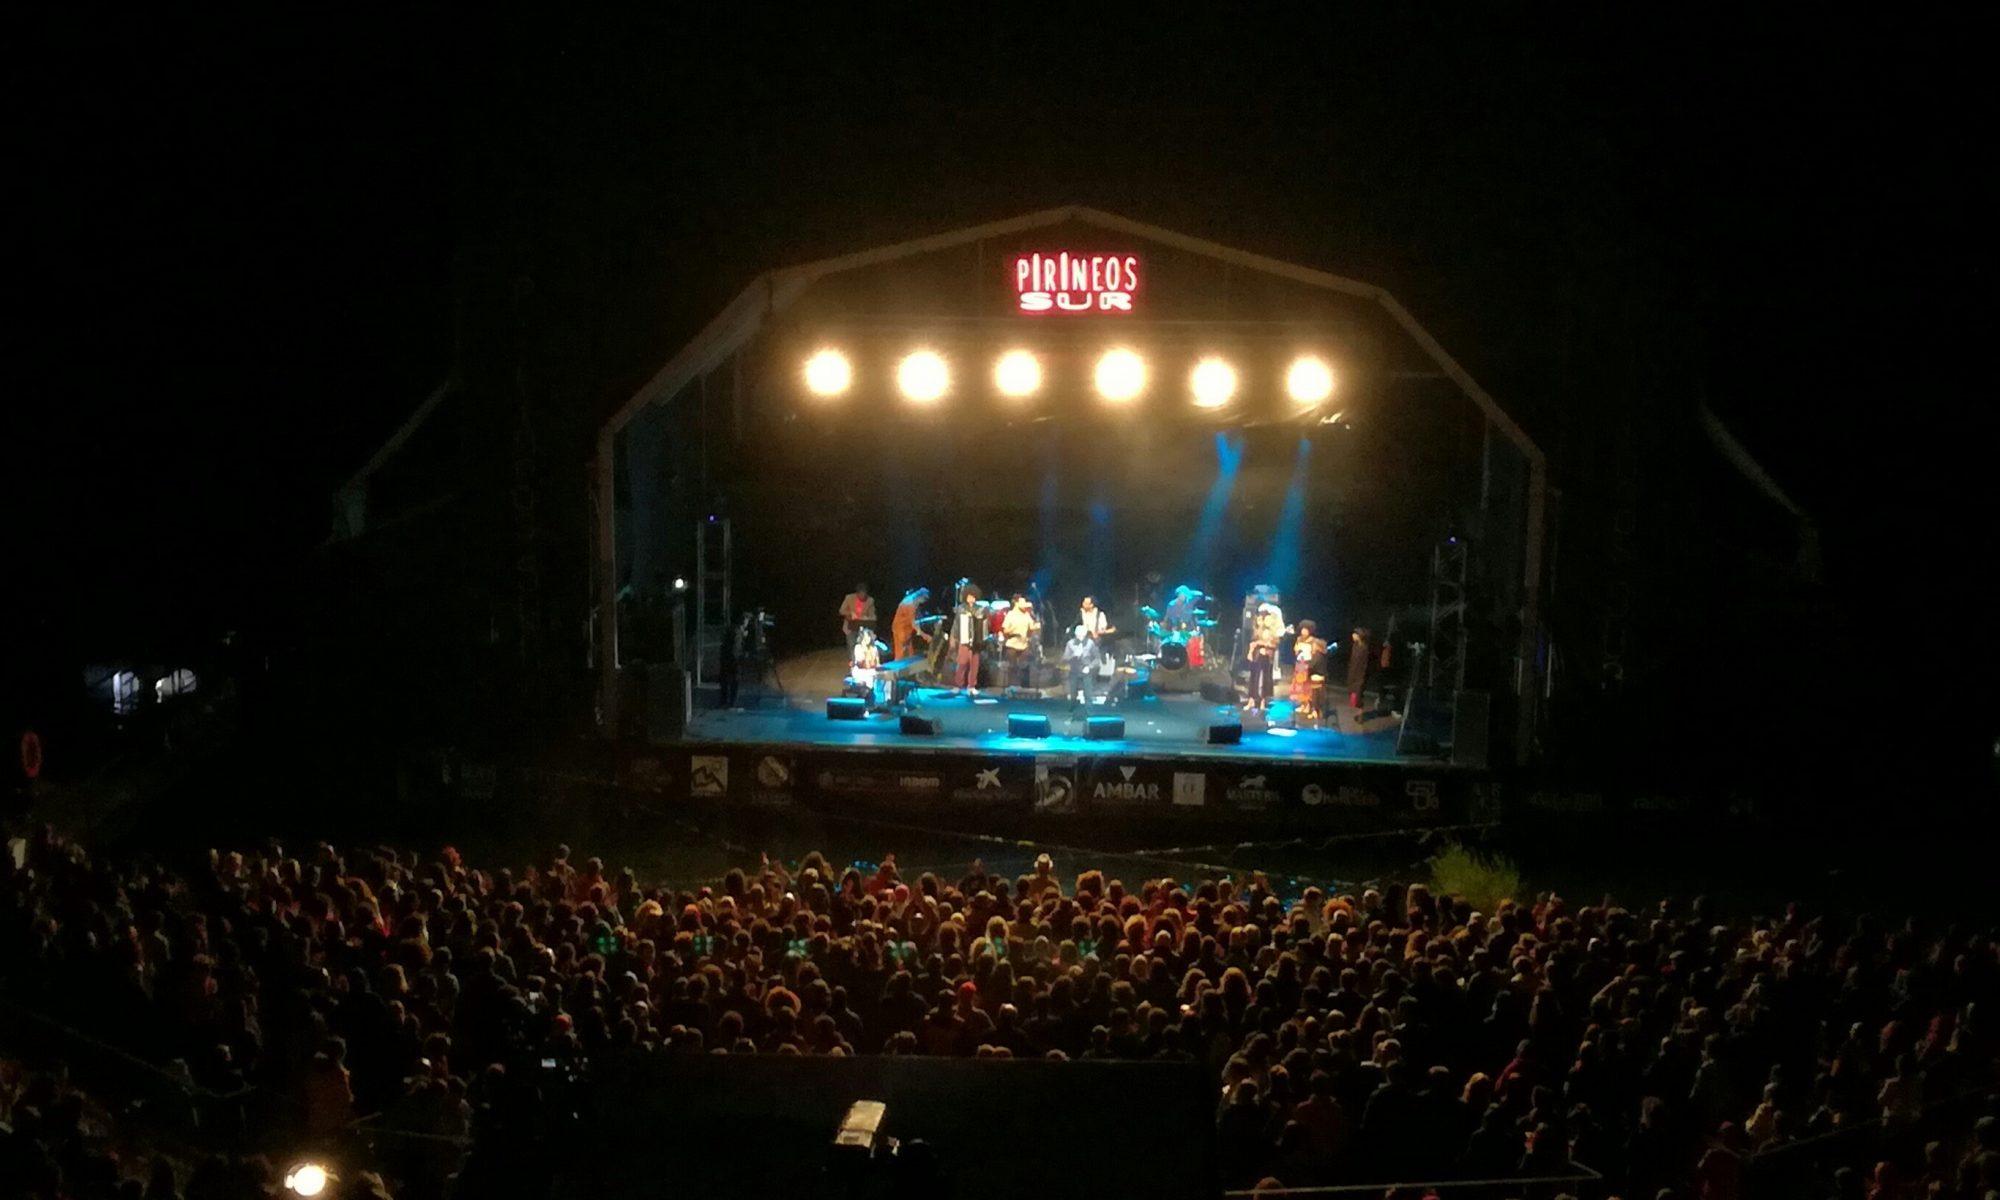 El cartel de Pirineos Sur pone en valor la música aragonesa este verano - Disfruta Aragón